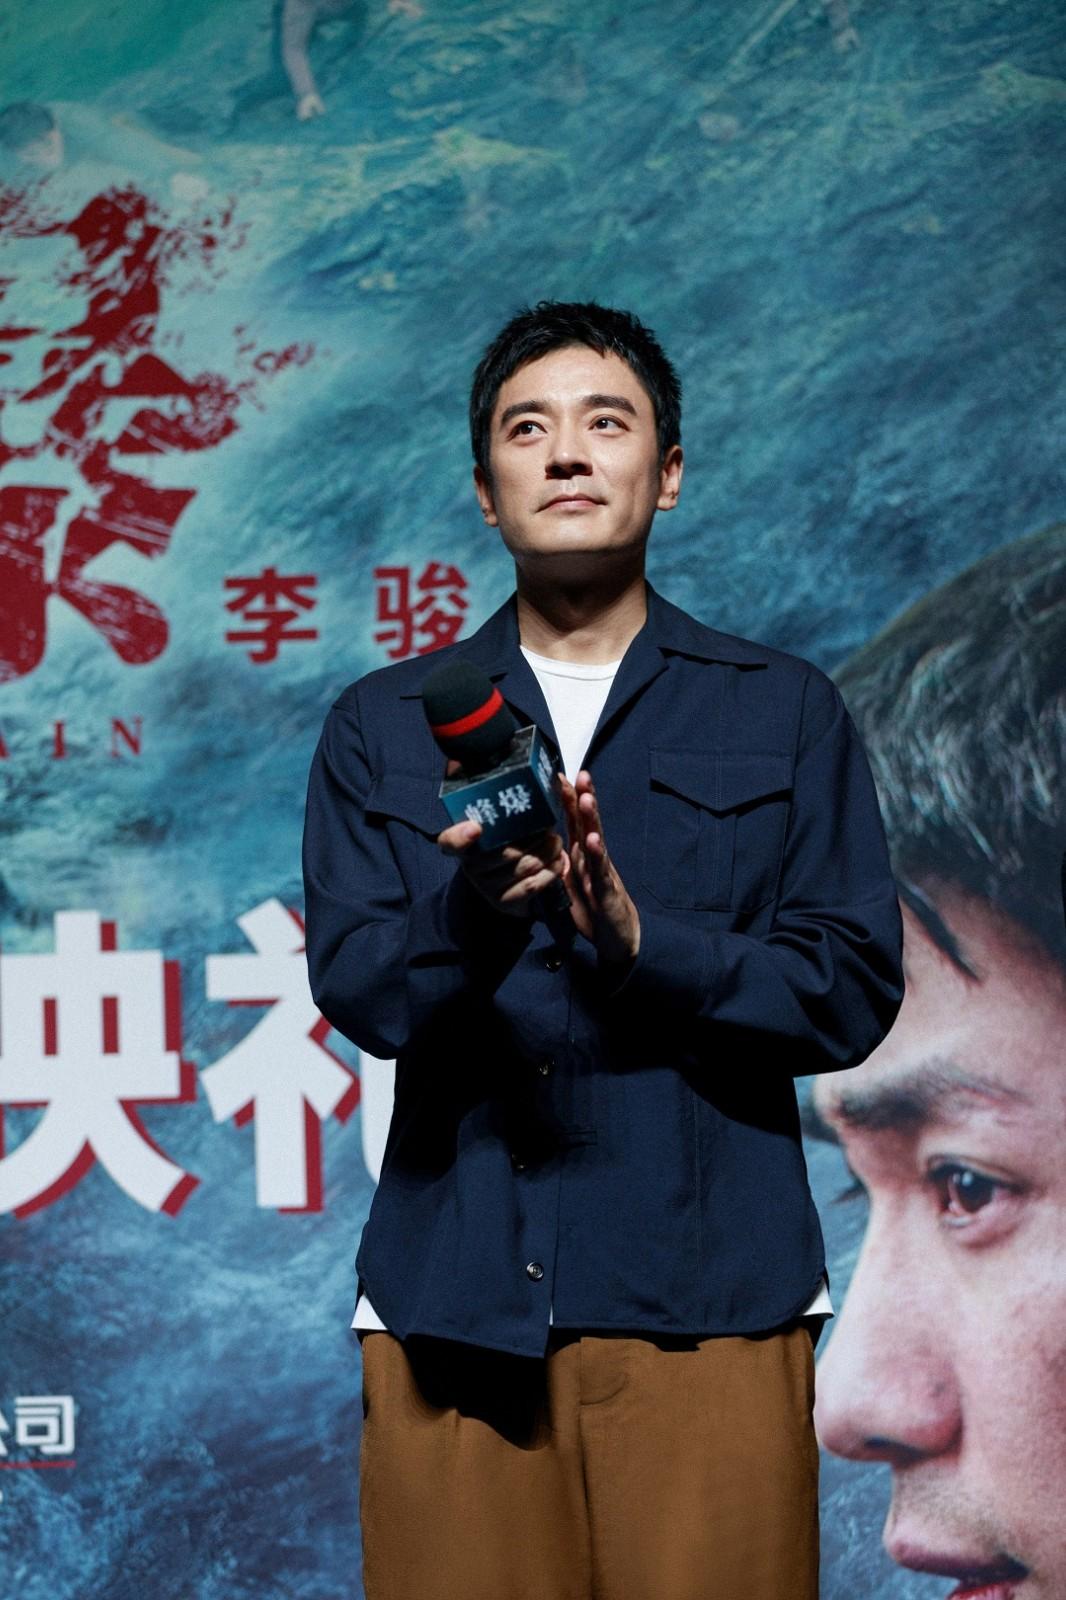 灾难救援大片《峰爆》首映 李光洁再演救援队长致敬中国空军